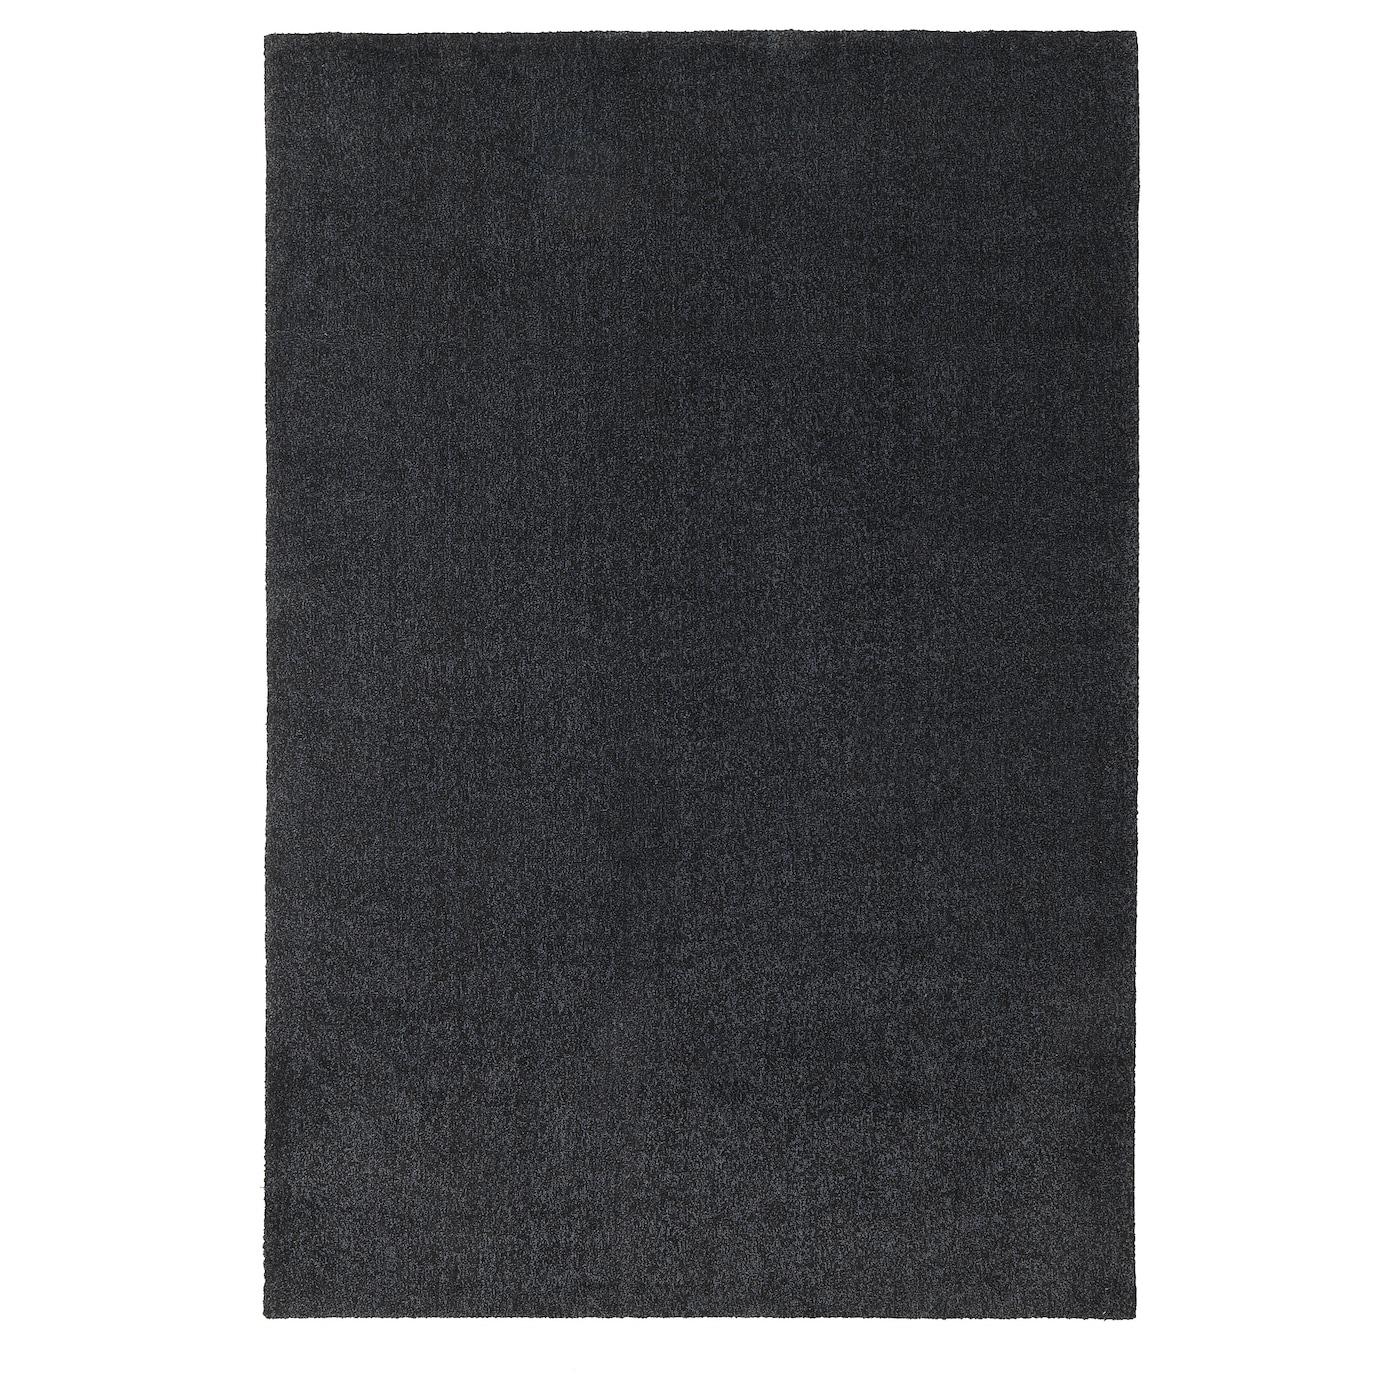 tyvelse tapis poils ras gris fonce 200x300 cm